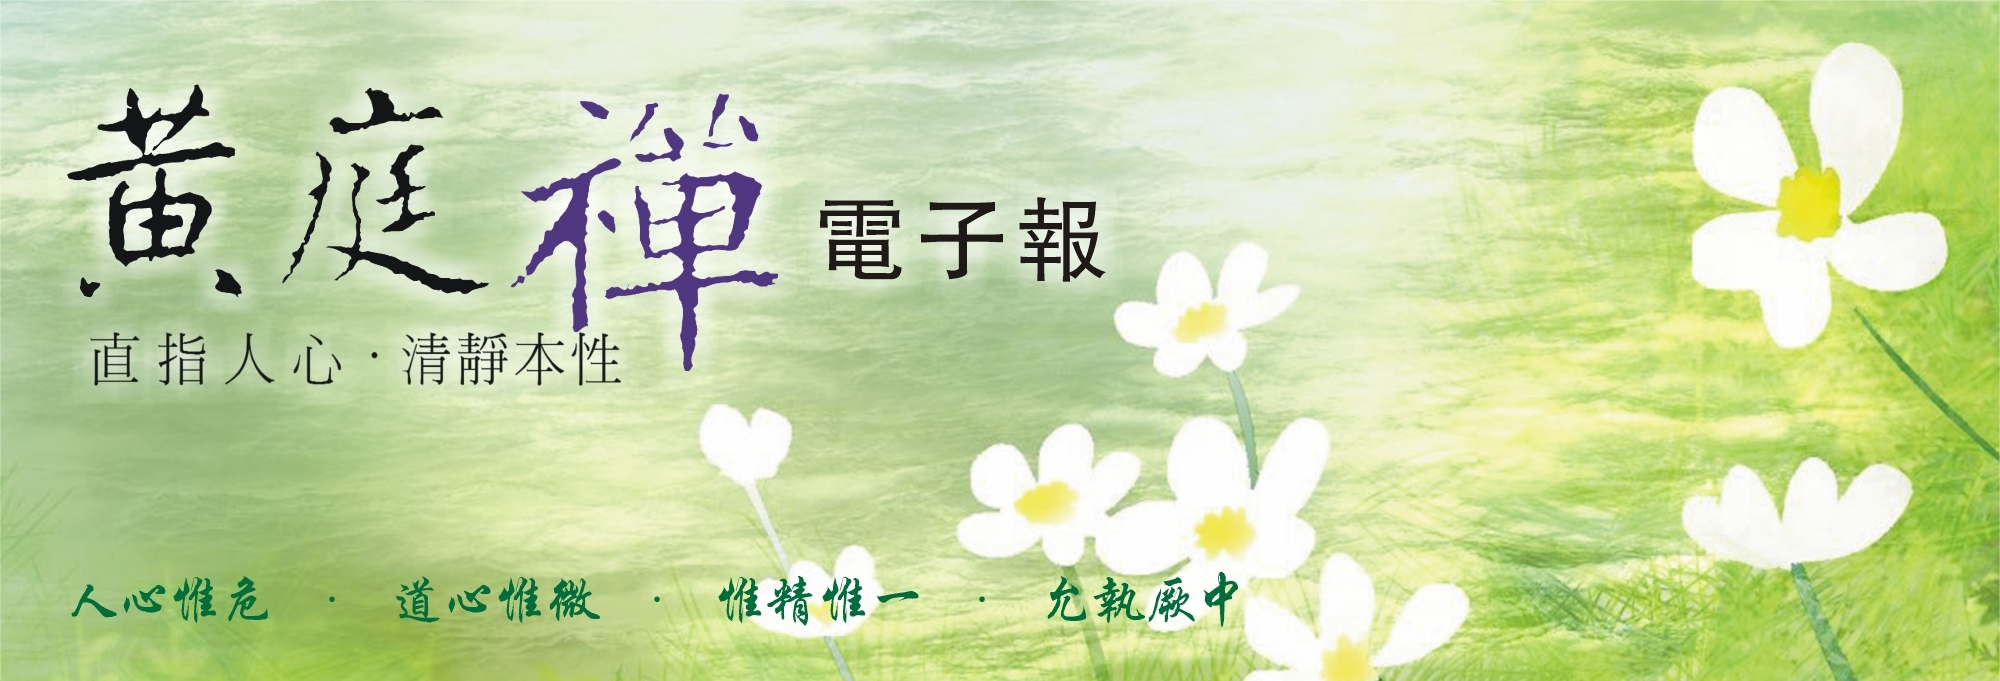 中華黃庭禪學會2017.04.11電子報